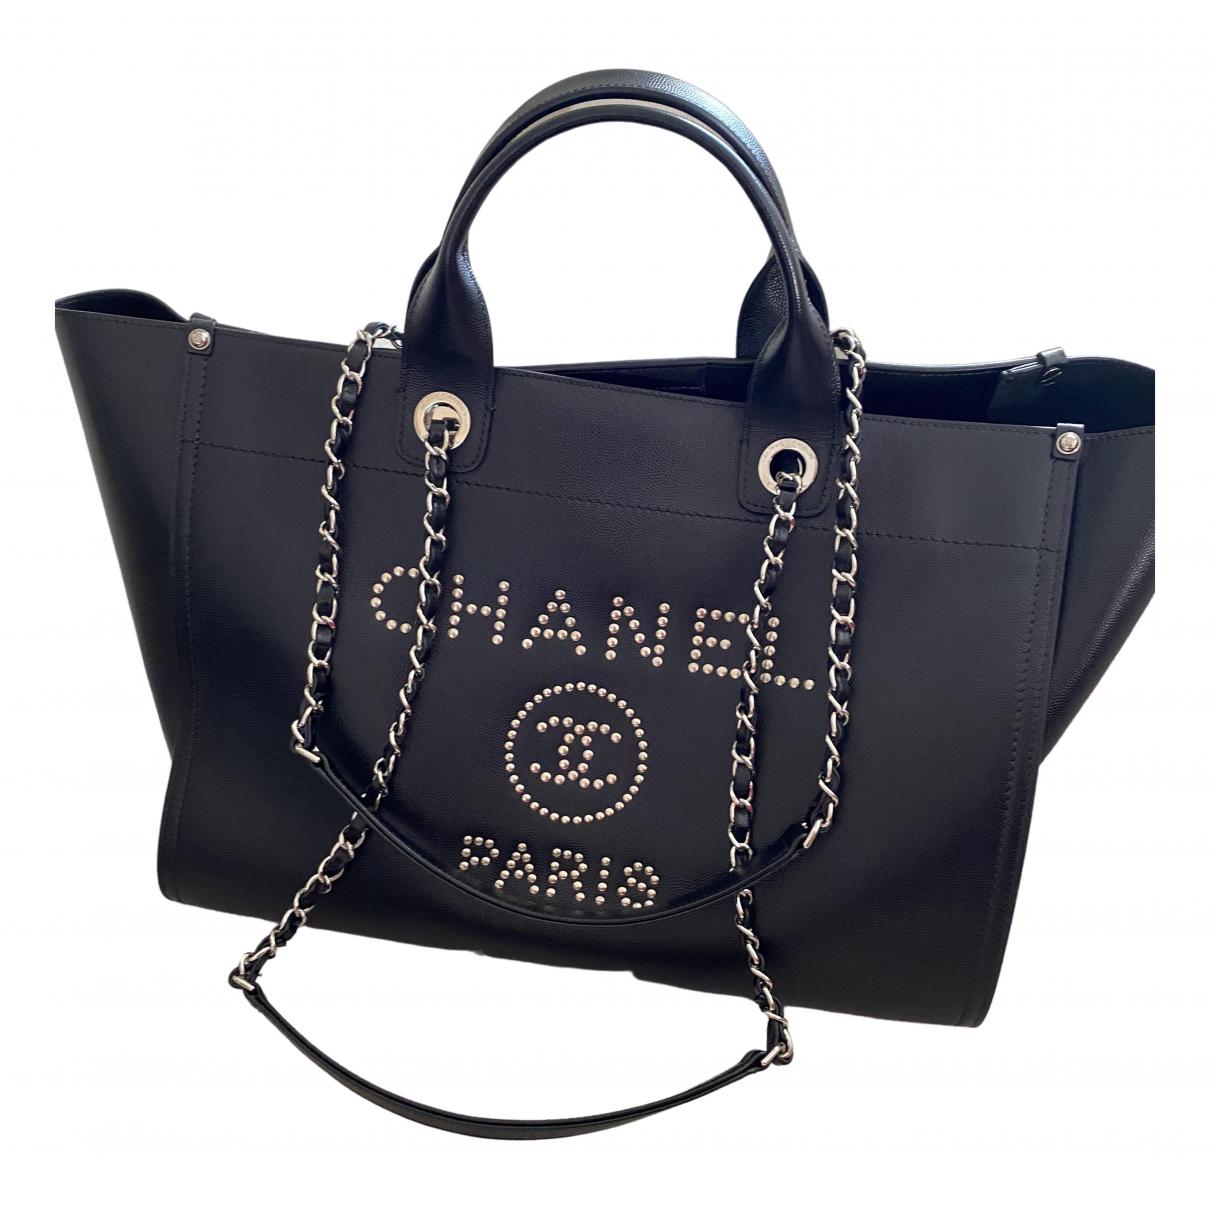 Chanel Deauville Handtasche in  Schwarz Leder